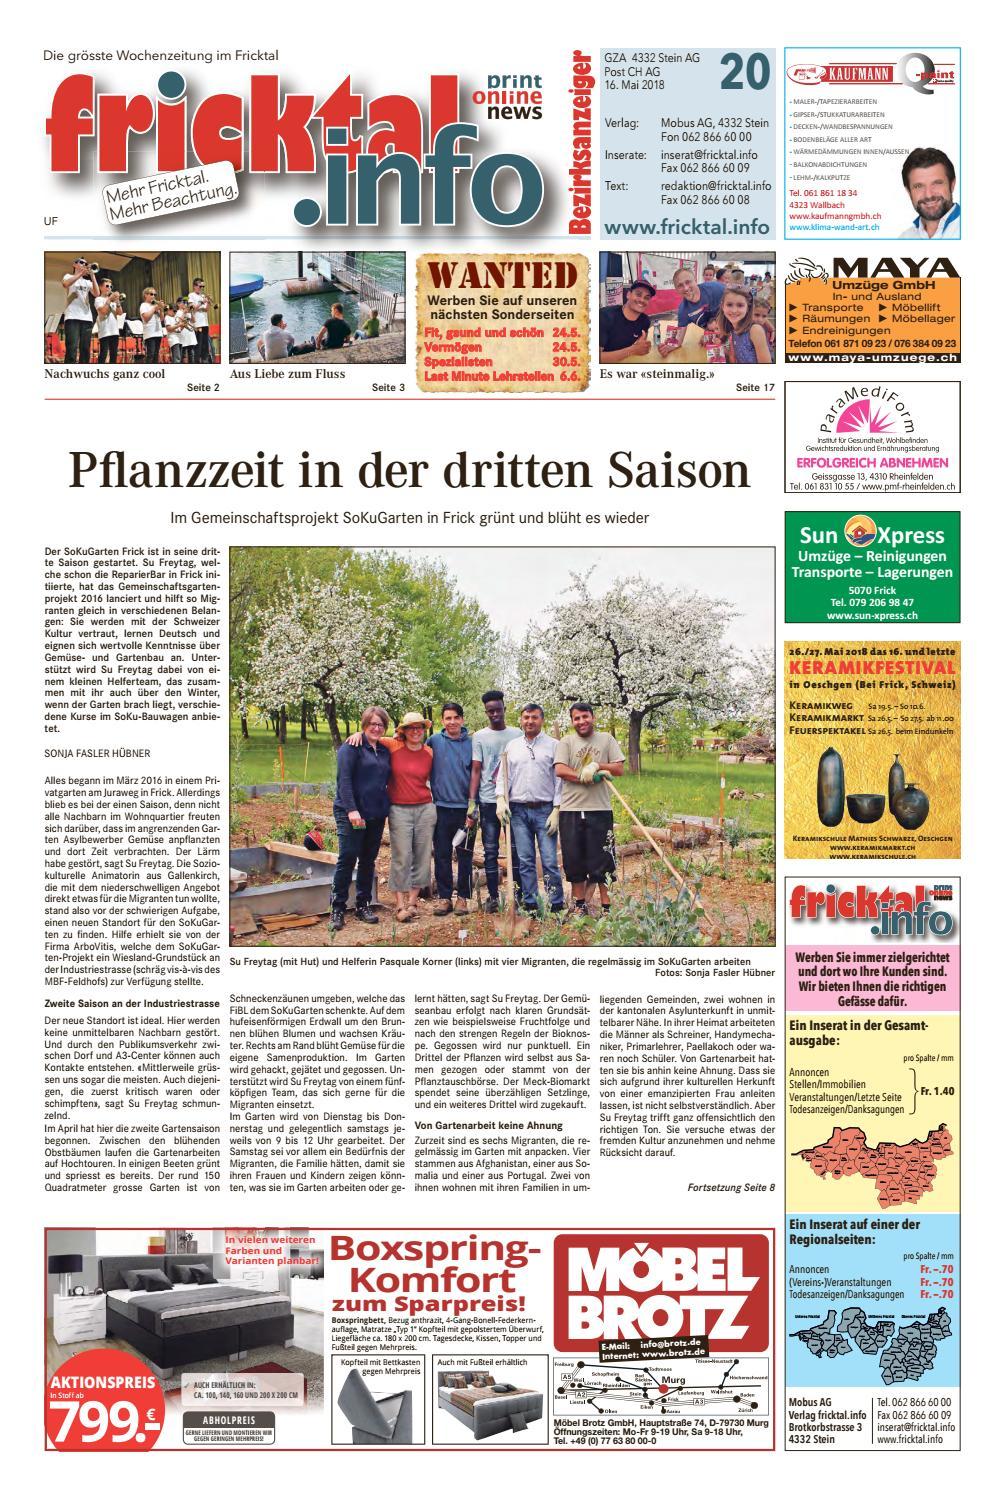 Aargau Solothurn - Bad Sckingen/Stein: Kinder-Universitt